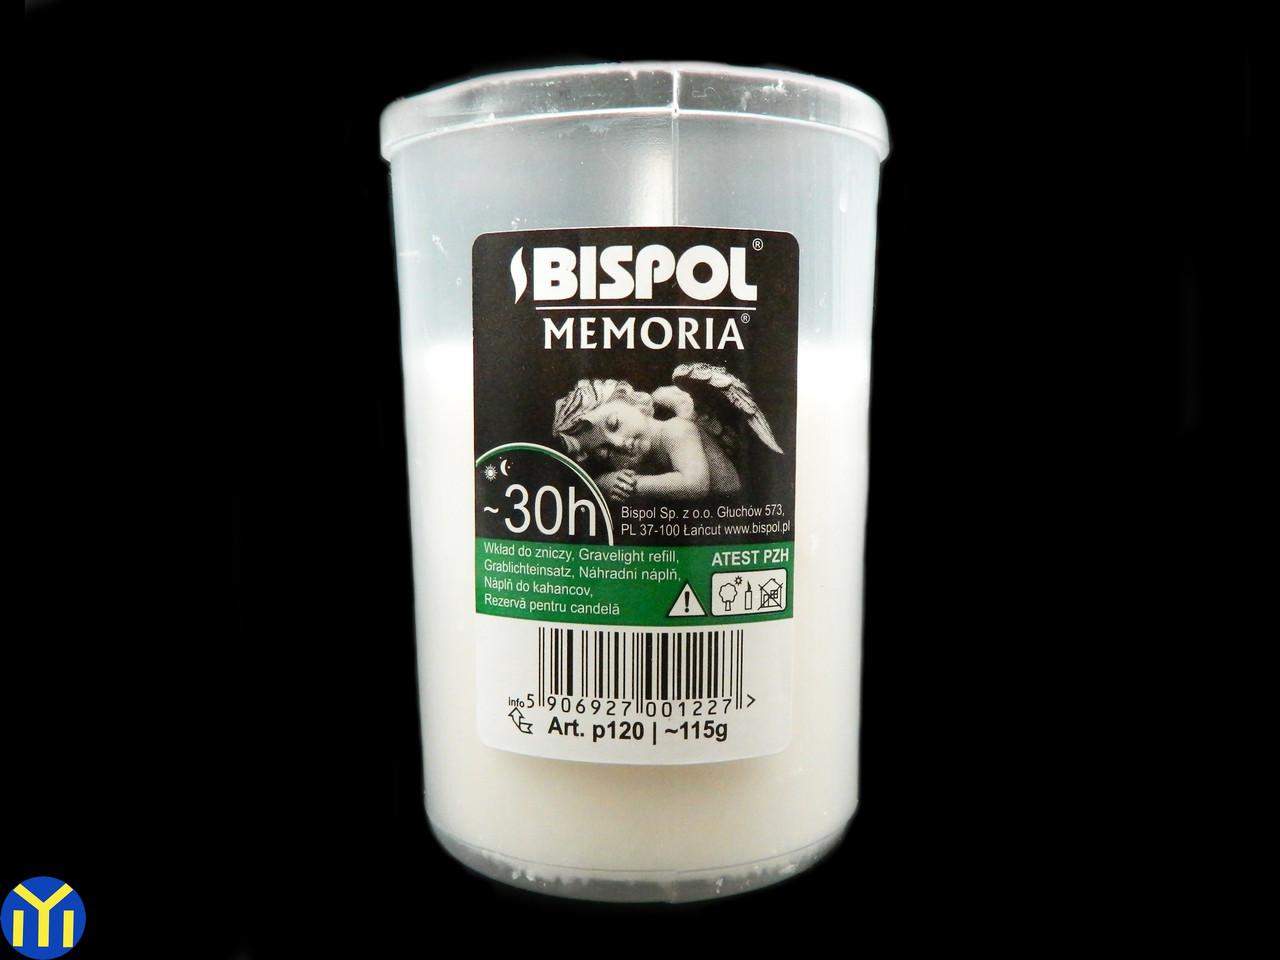 Свечи BispolMemoria P120 вкладыши 30 часов